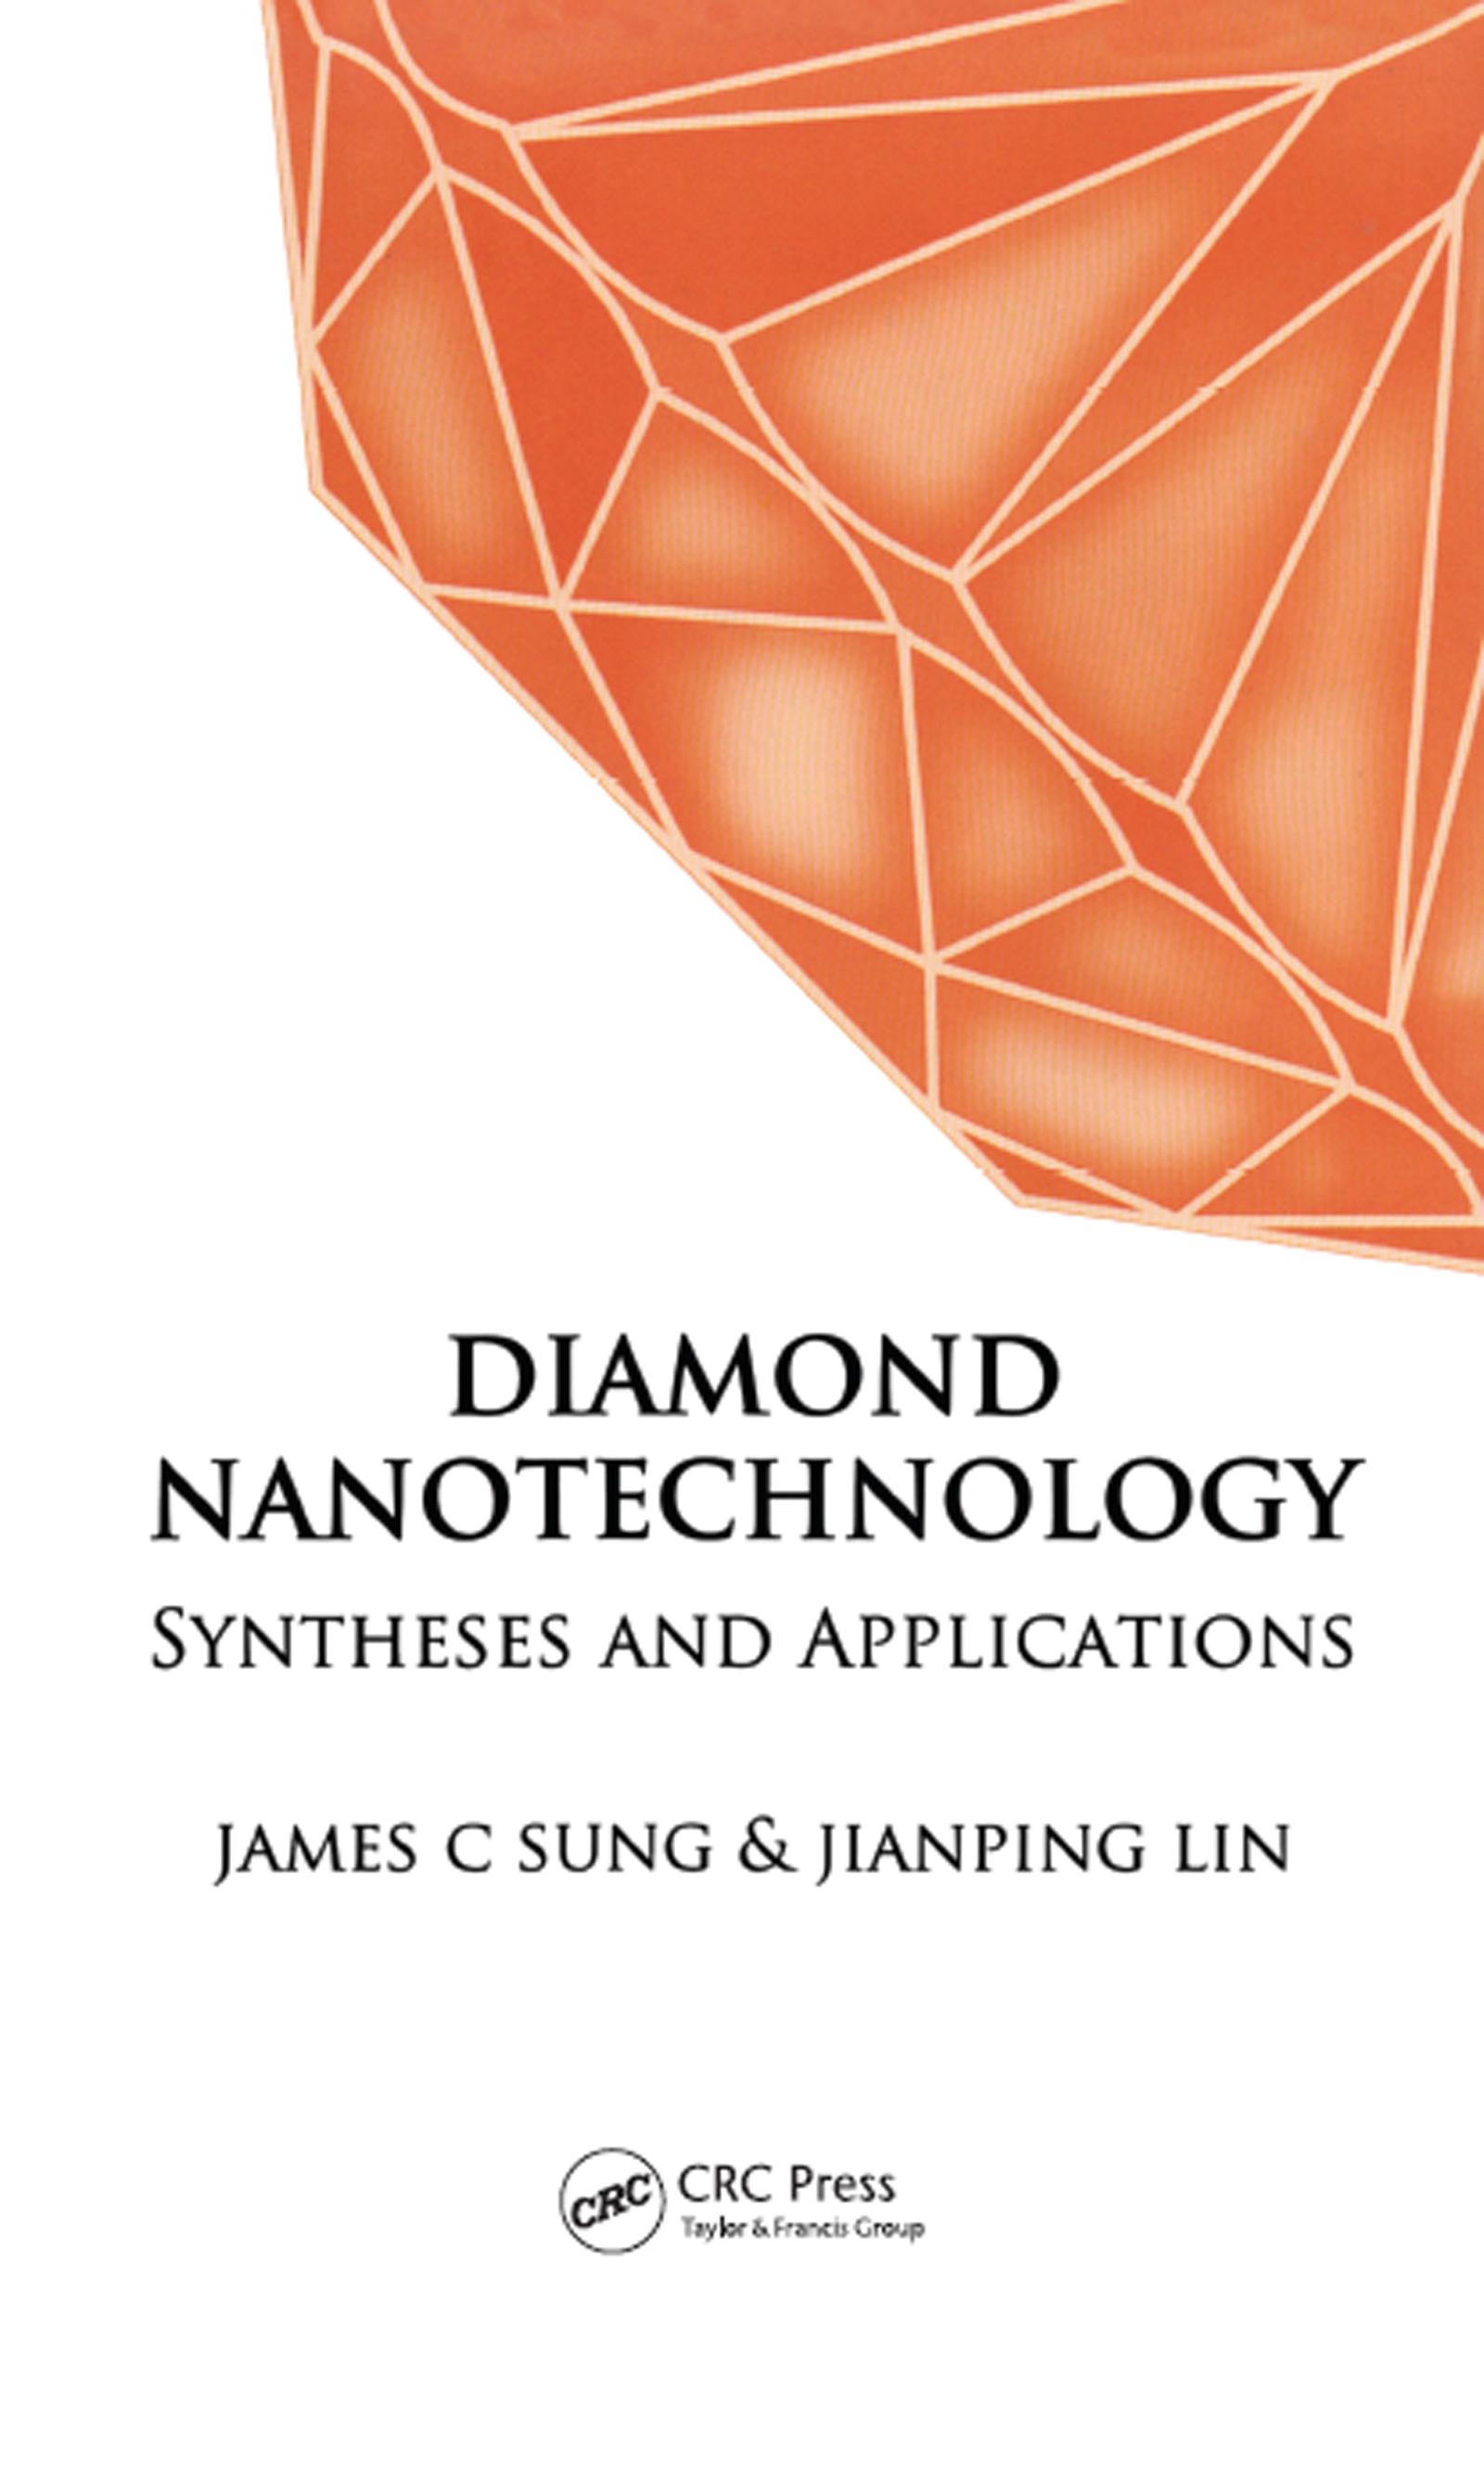 Diamond Nanotechnology